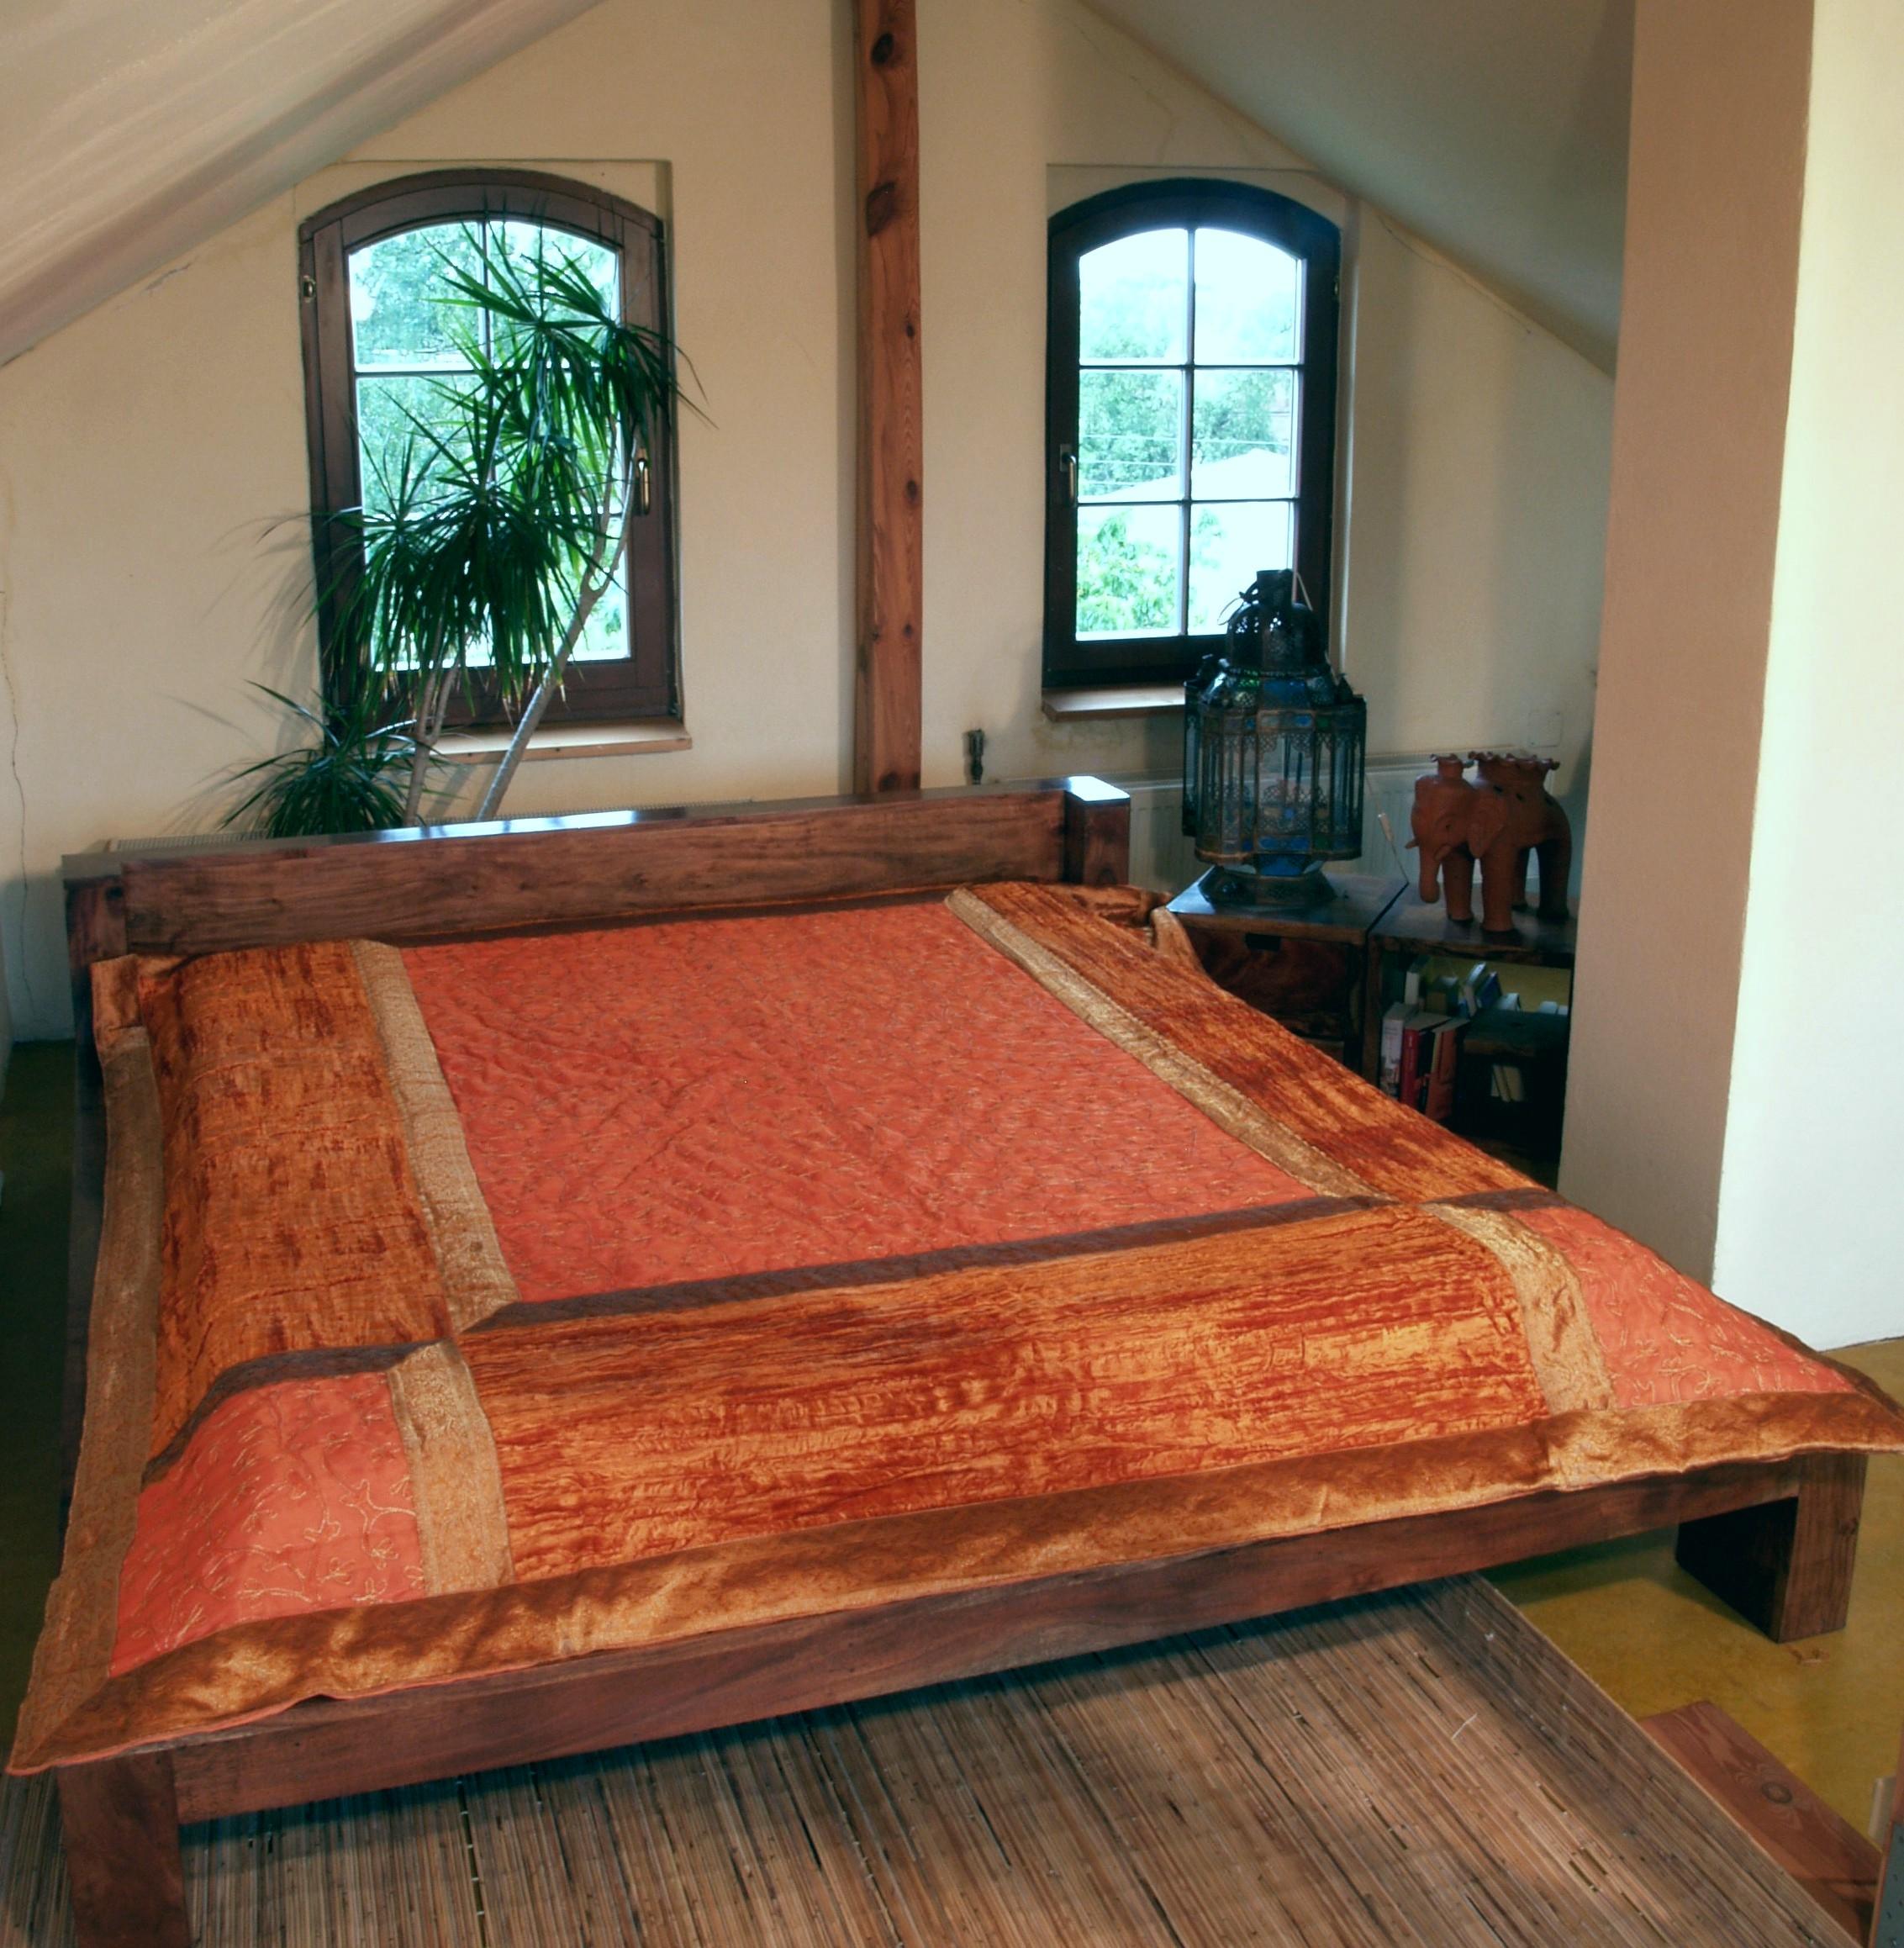 tagesdecken onlineshop. Black Bedroom Furniture Sets. Home Design Ideas